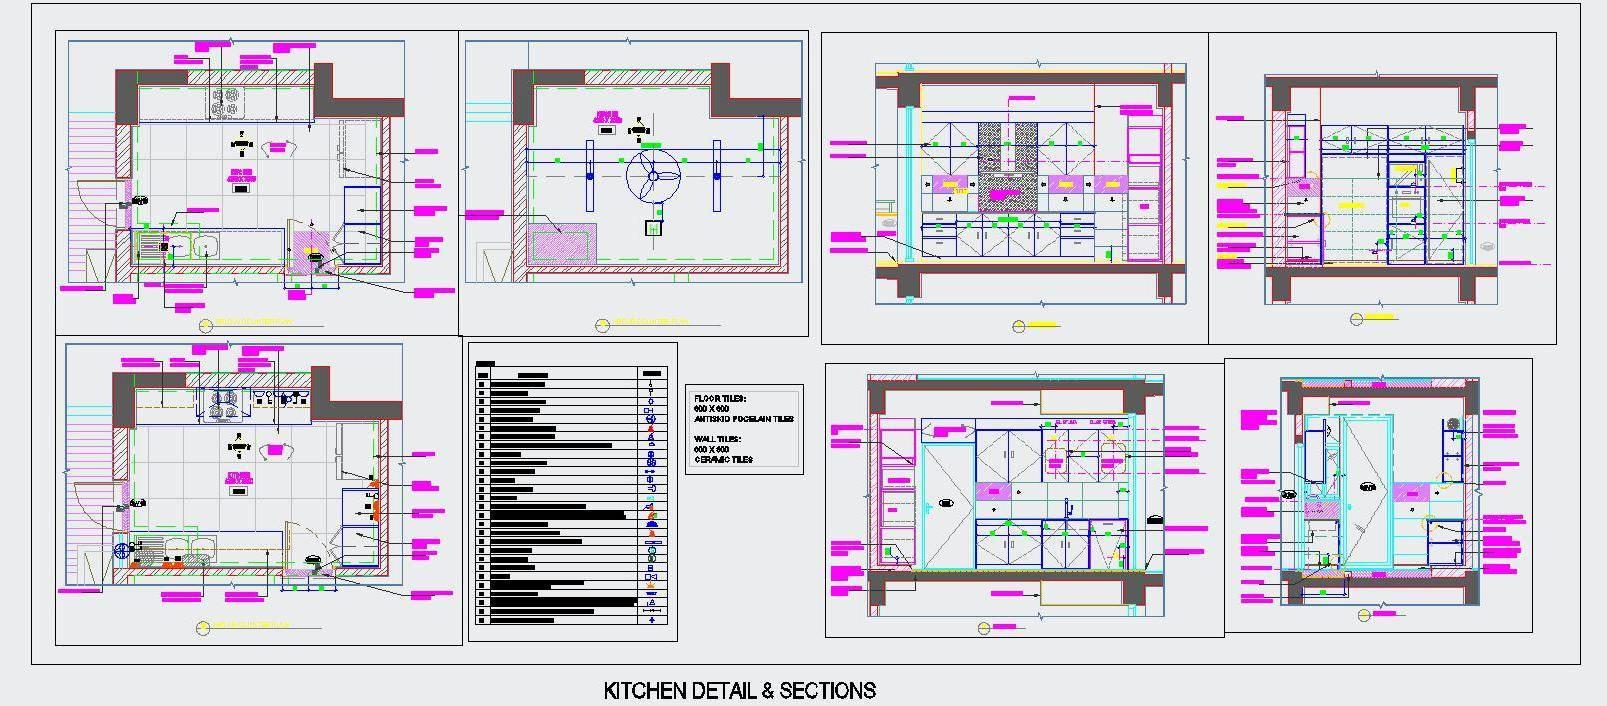 Outdoor Kitchen Design Software Online